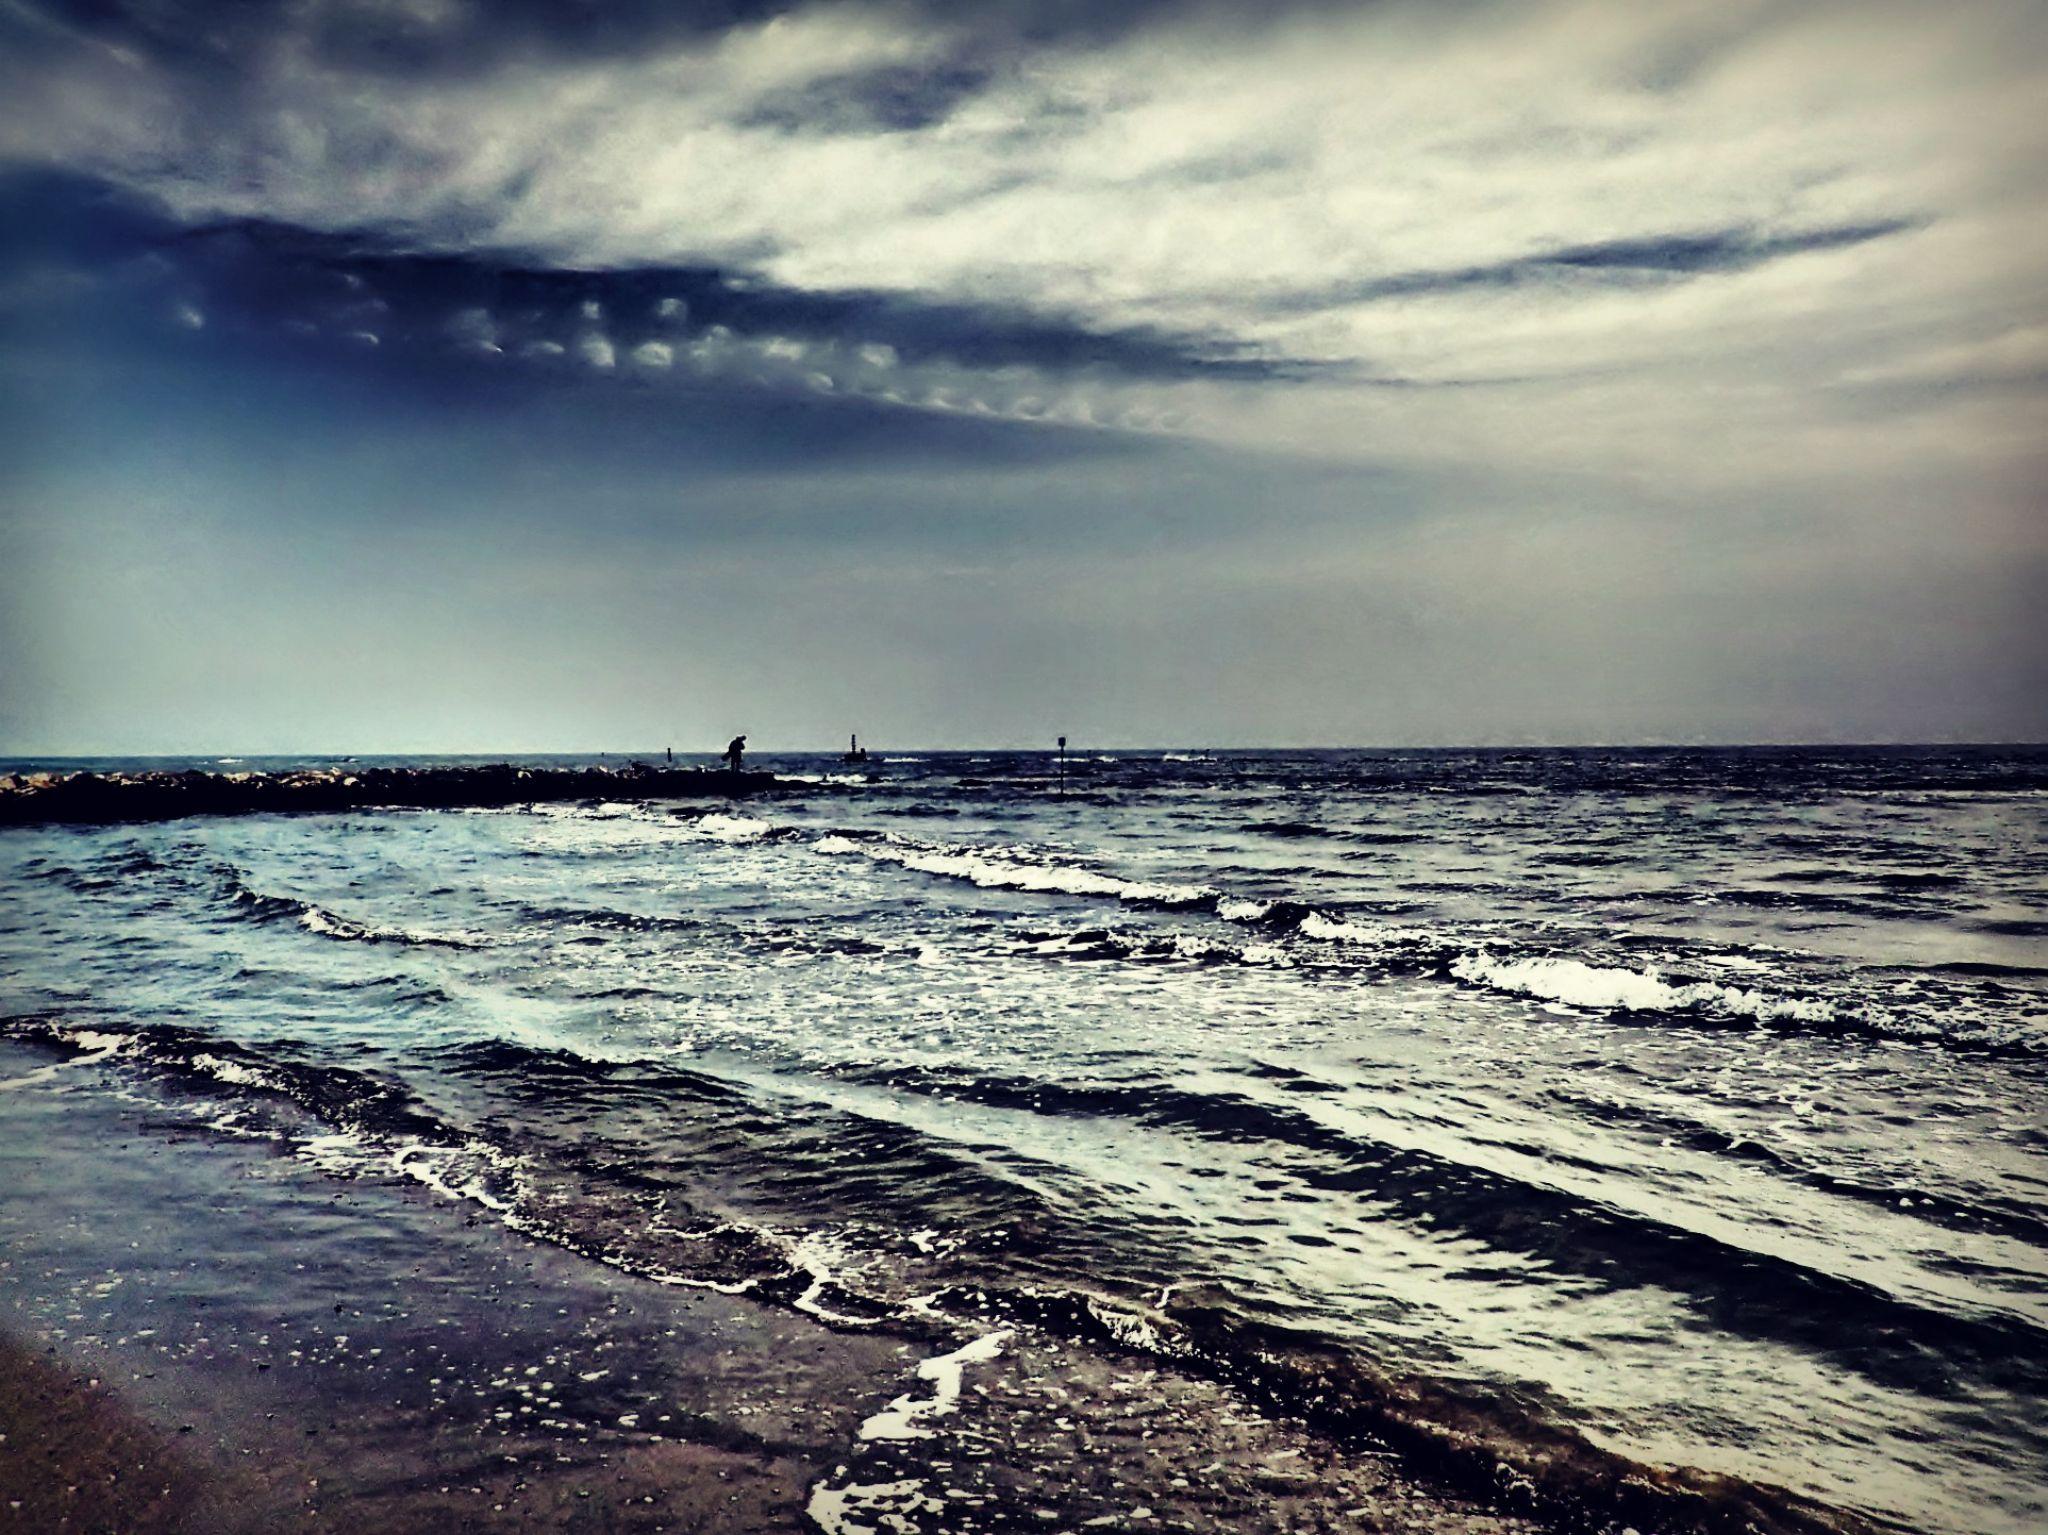 Adriatic Sea by Elisabeth Haugli Sindsen